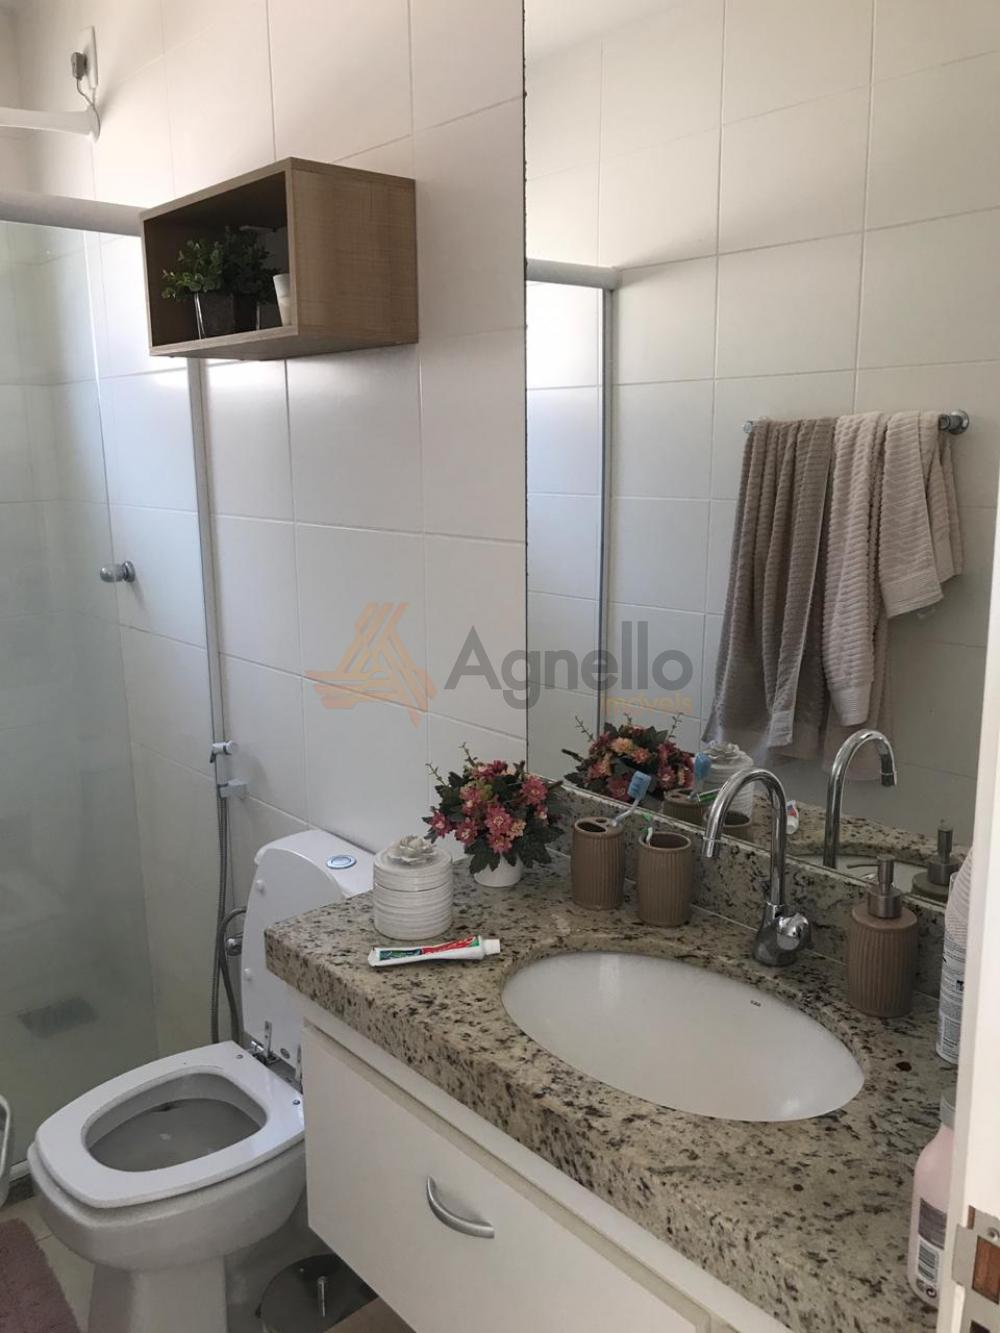 Comprar Casa / Condomínio em Franca R$ 650.000,00 - Foto 13